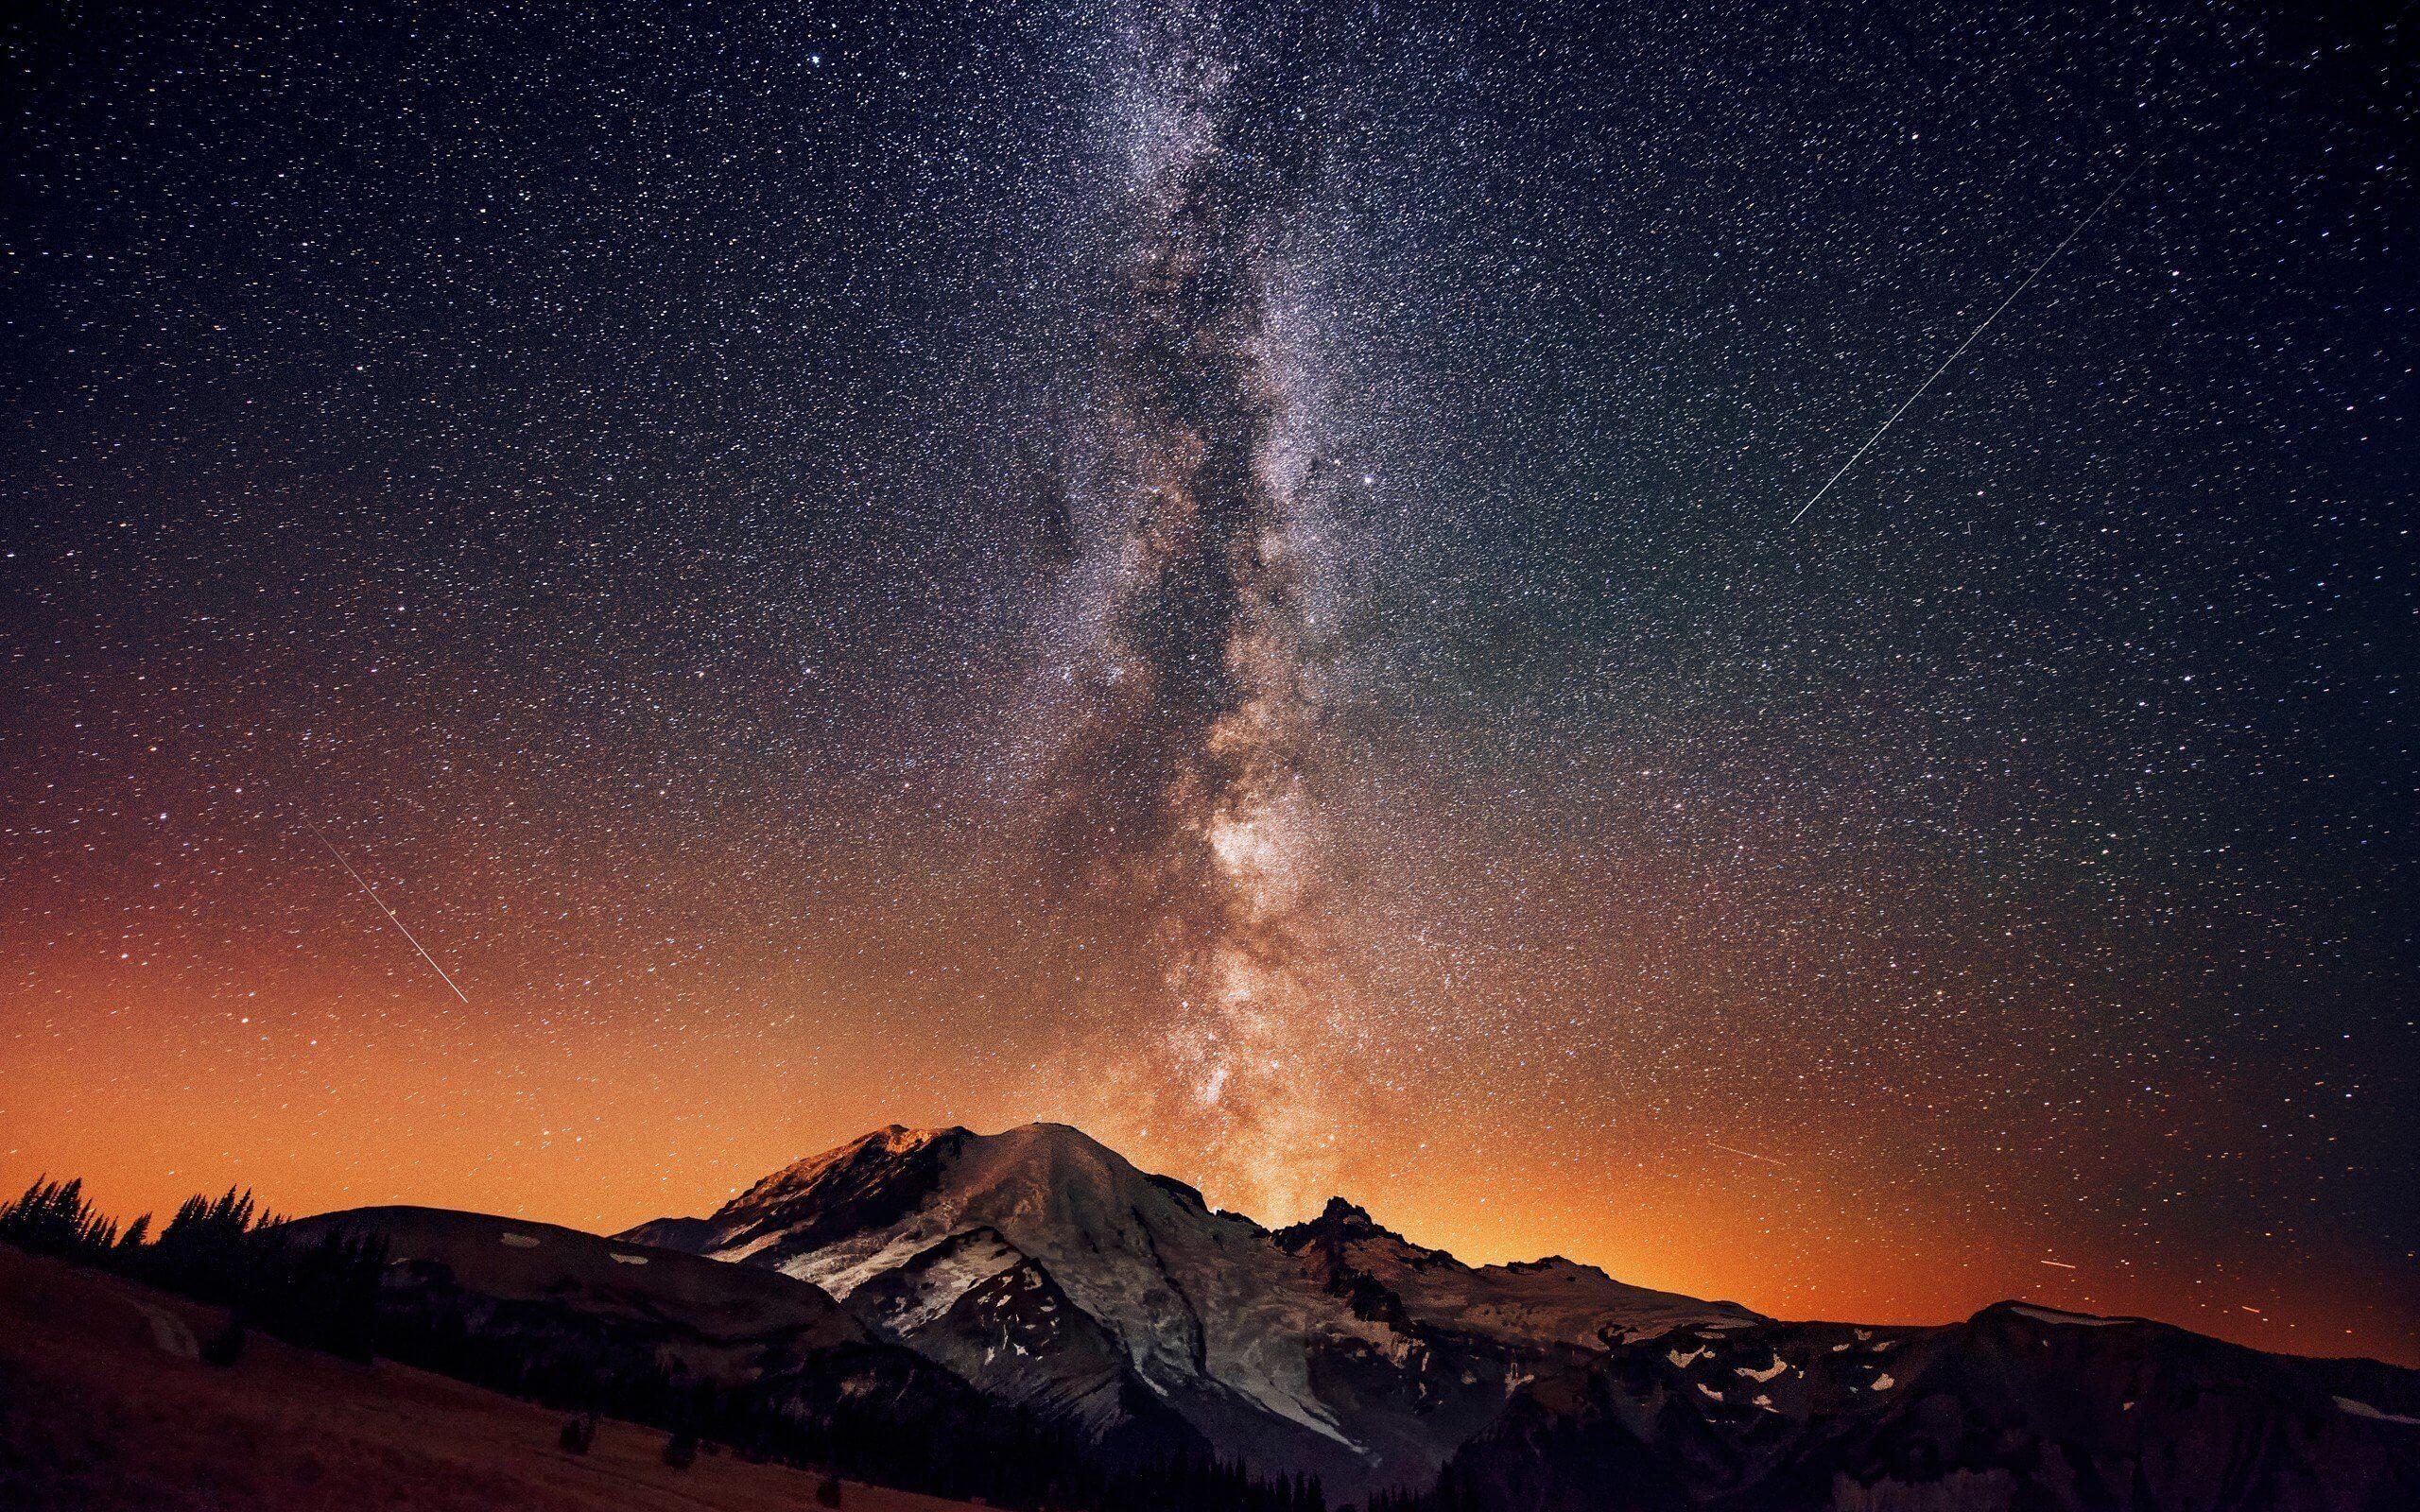 Астрономы определили лучшее место и время для жизни в Млечном Пути